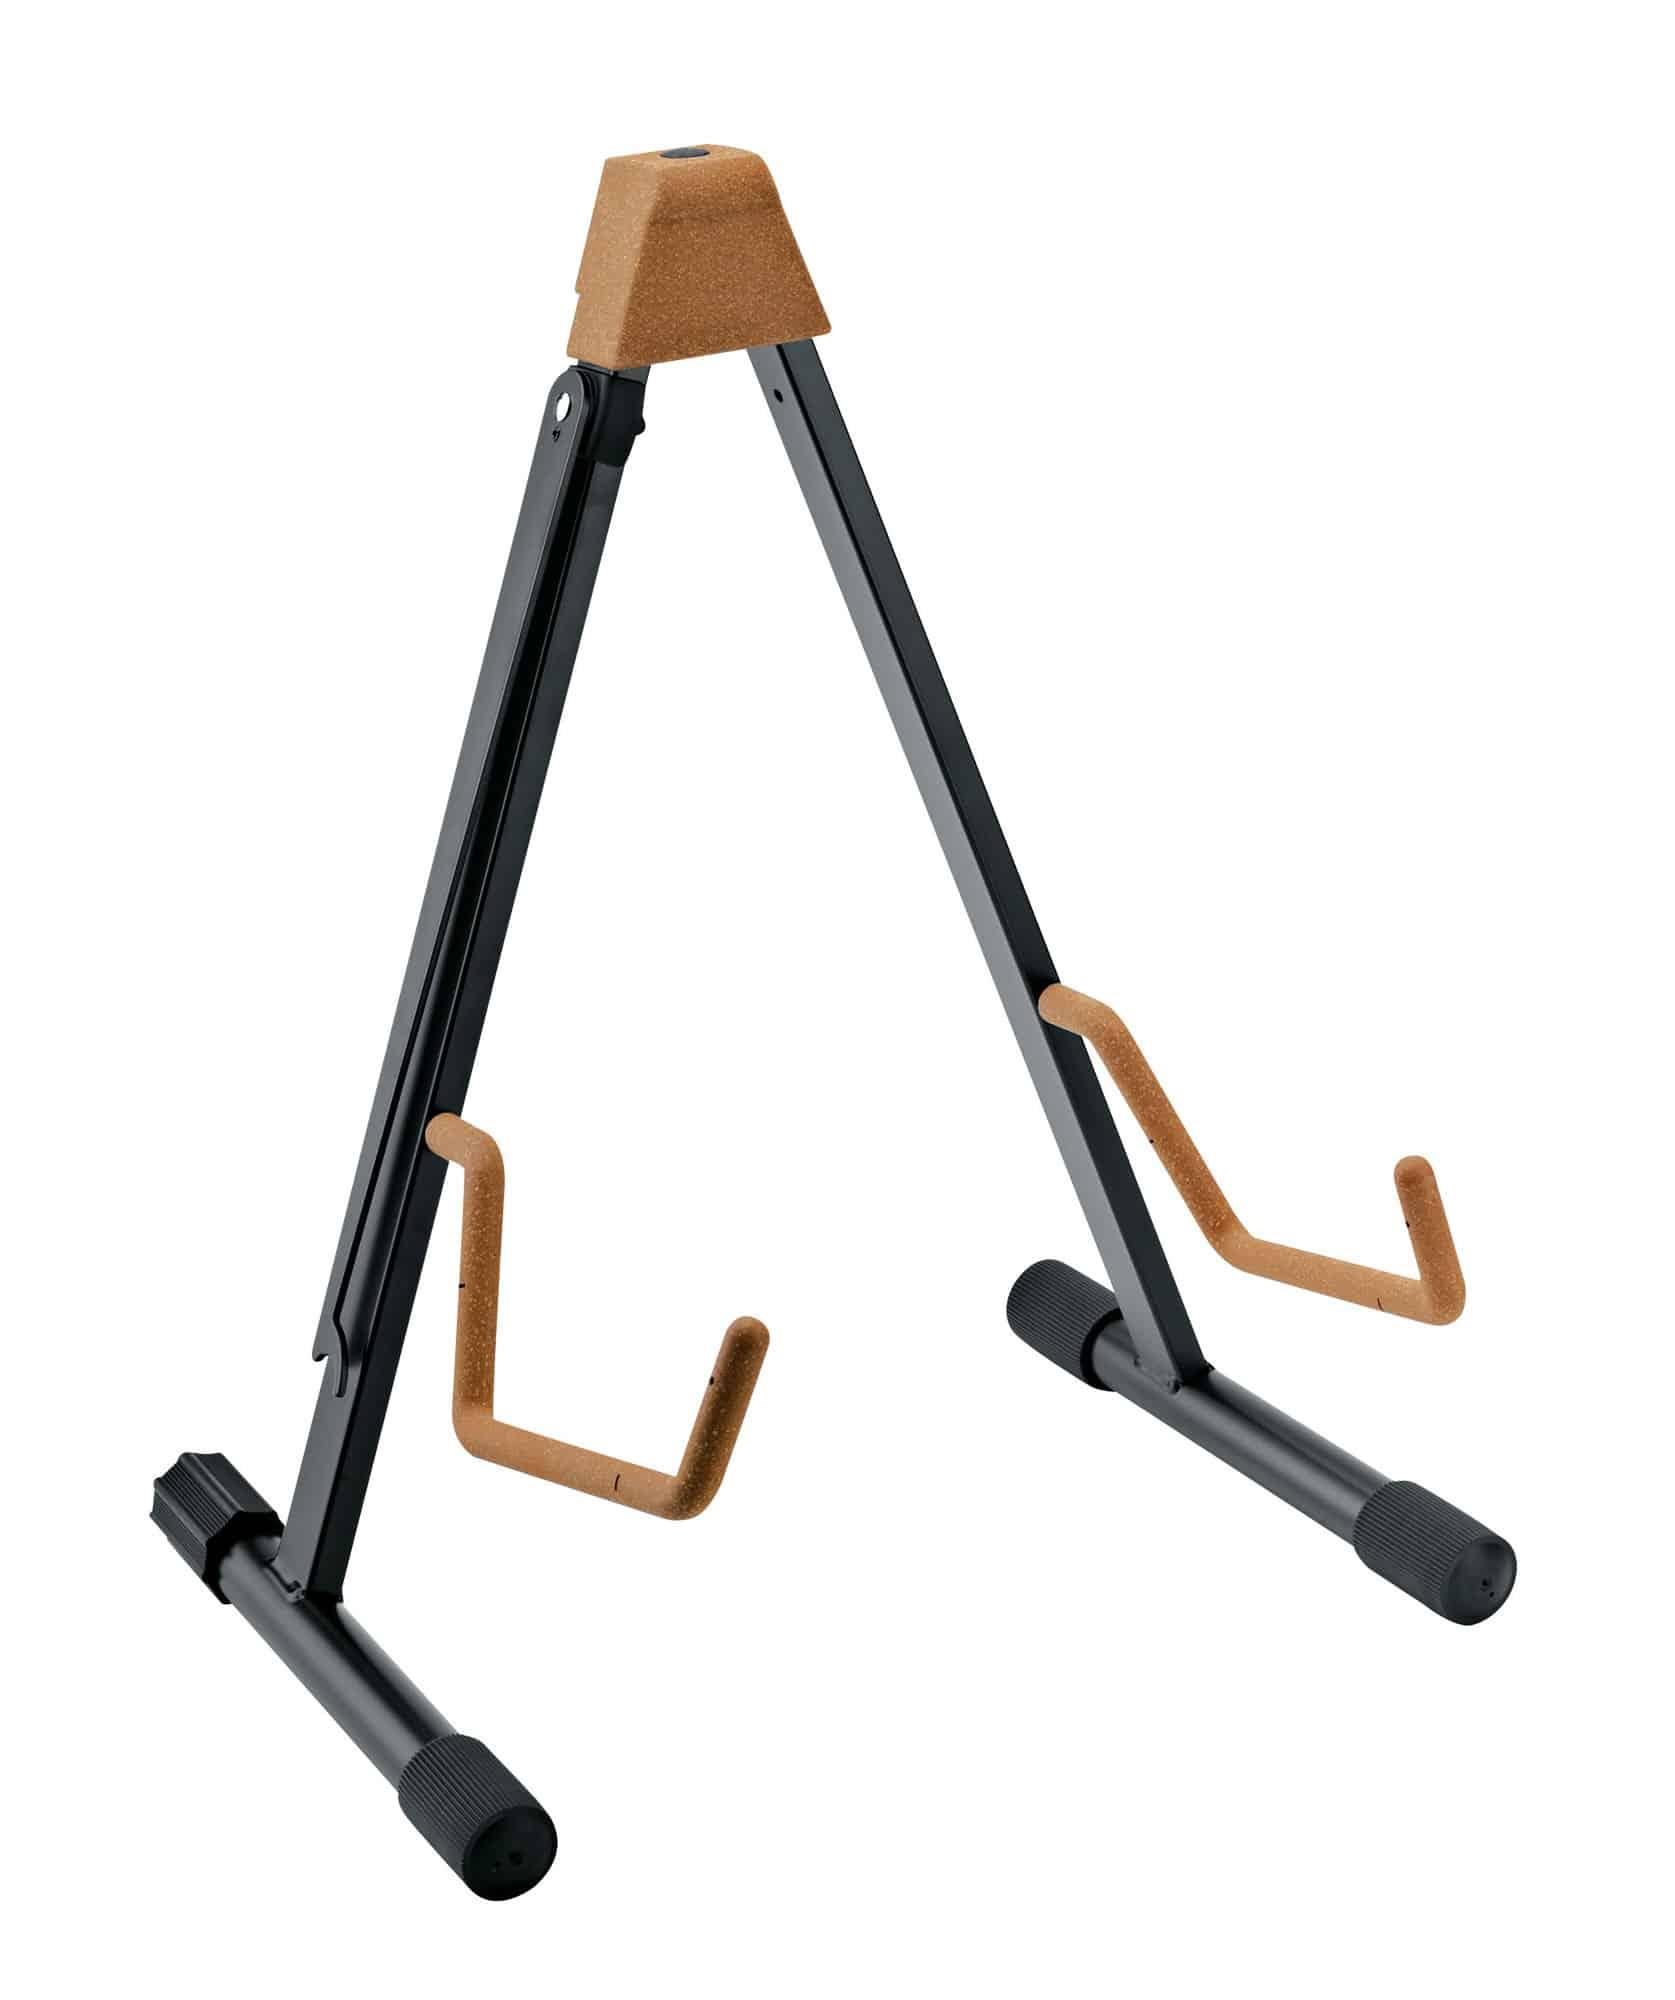 Streichzubehoer - K M 14130 Celloständer - Onlineshop Musikhaus Kirstein